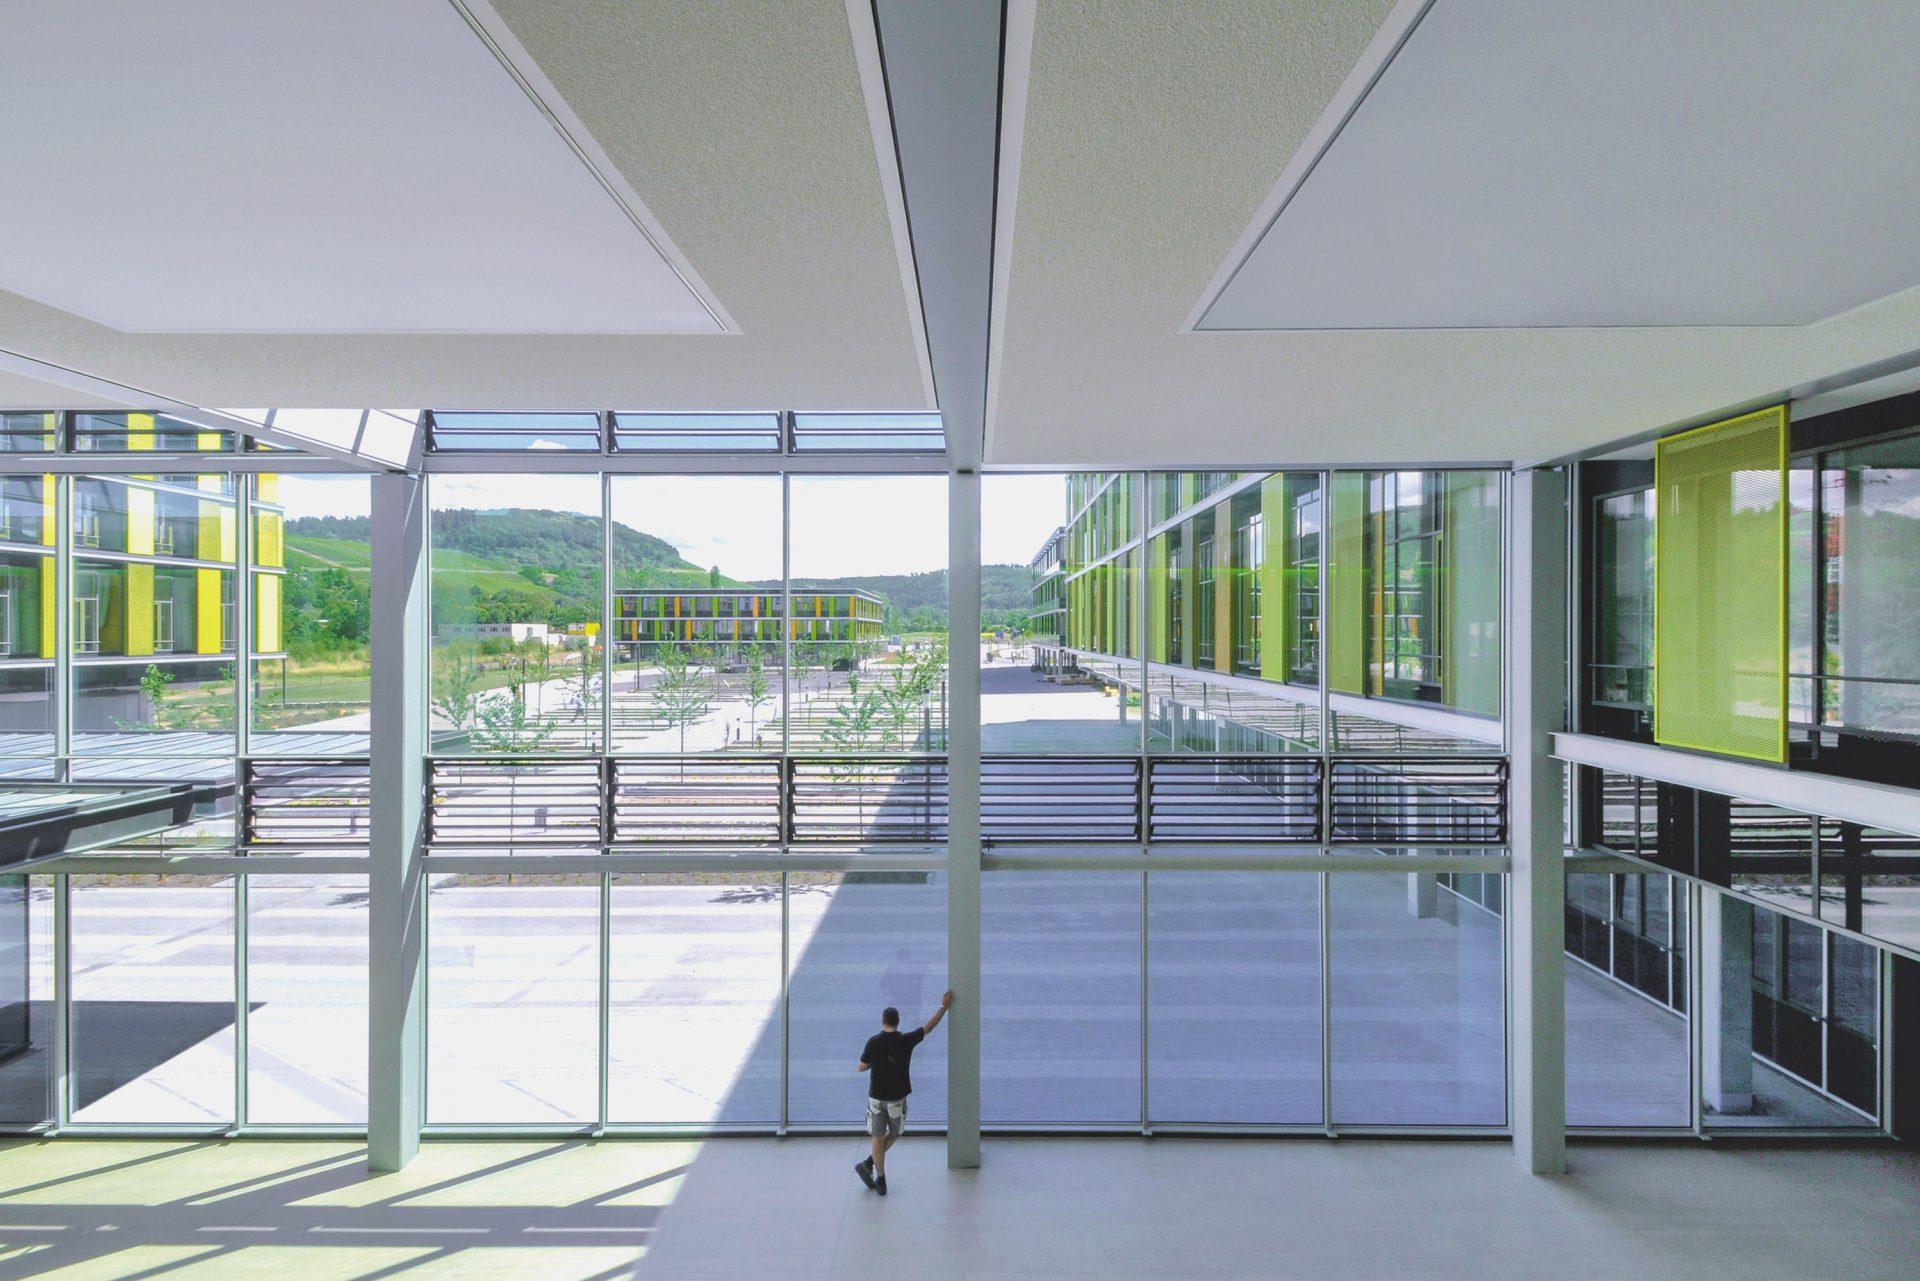 Rems-Murr-Kliniken Winnenden